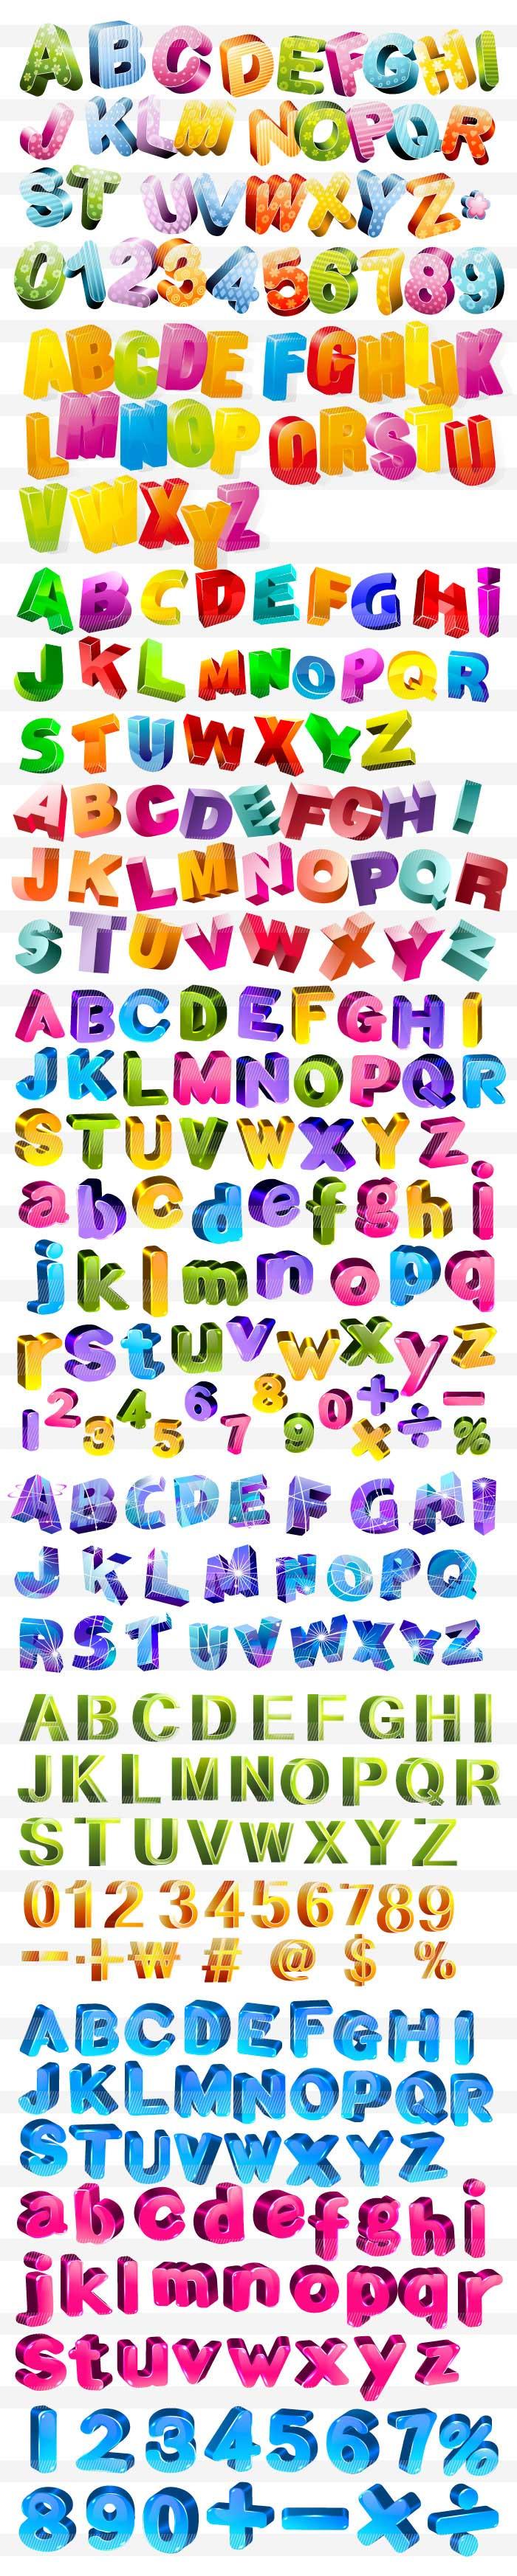 立体的アルファベットの無料イラスト|ai・epsの無料イラストレーター